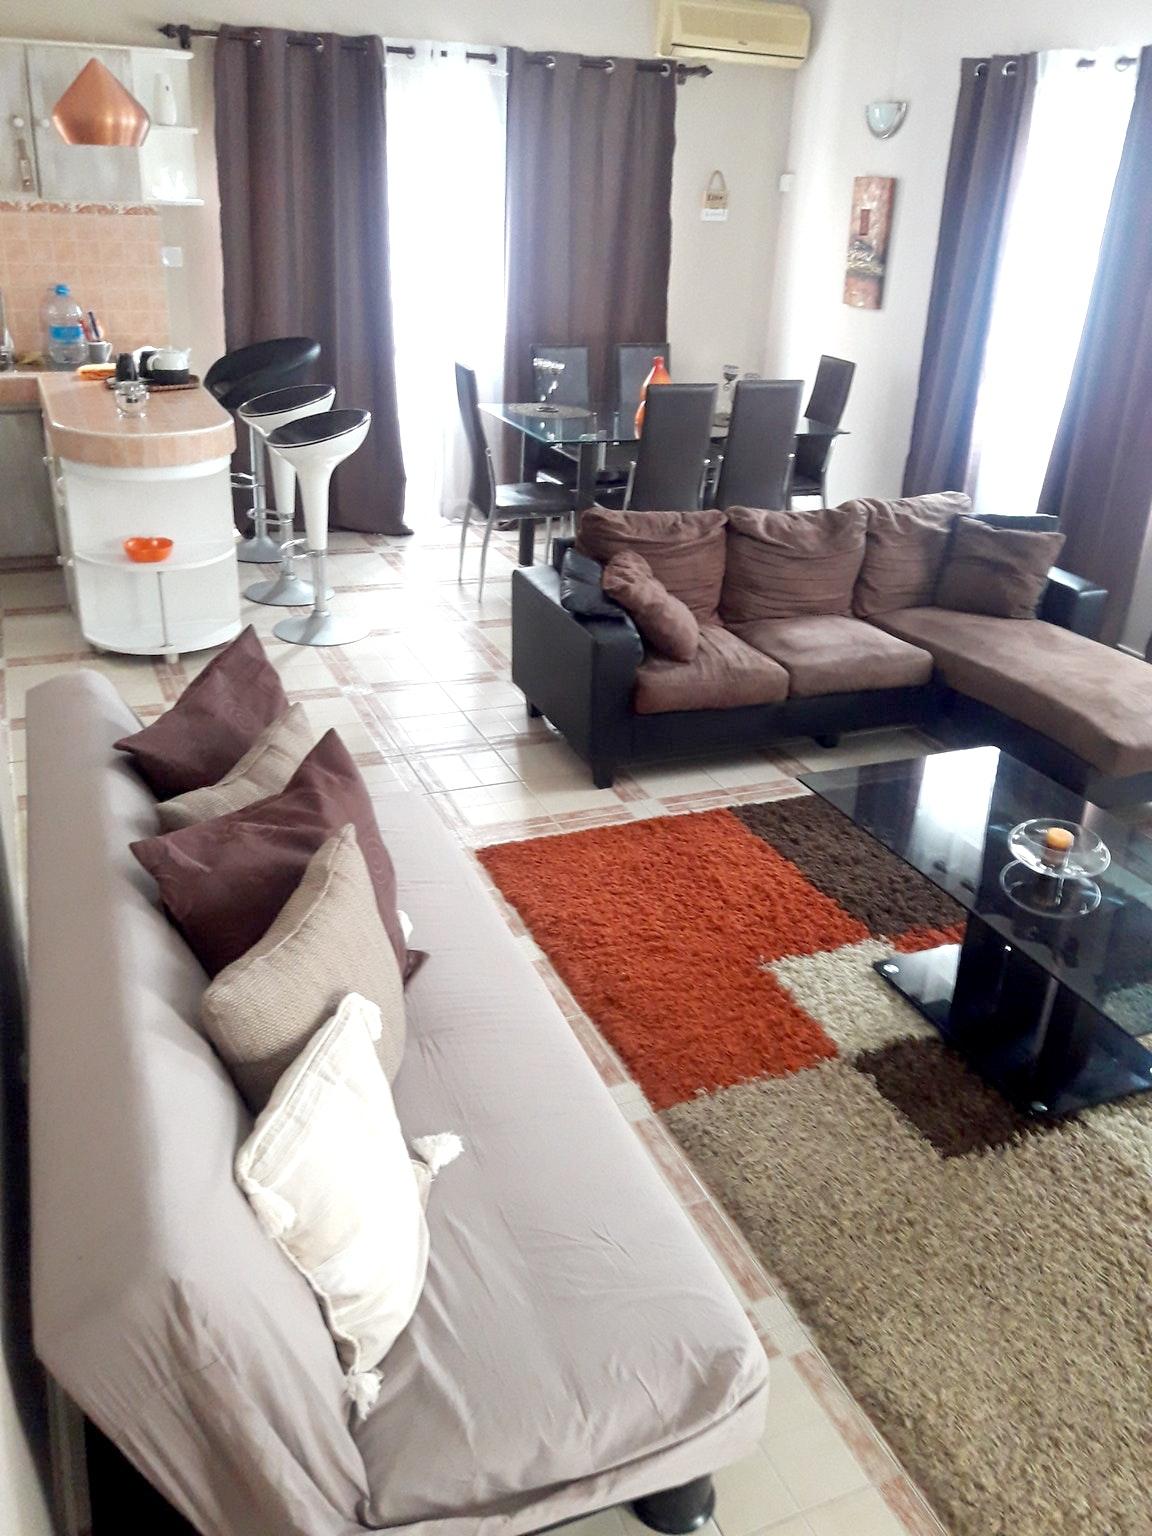 Wohnung mit 2 Schlafzimmern in Melville mit Pool,  Ferienwohnung in Afrika